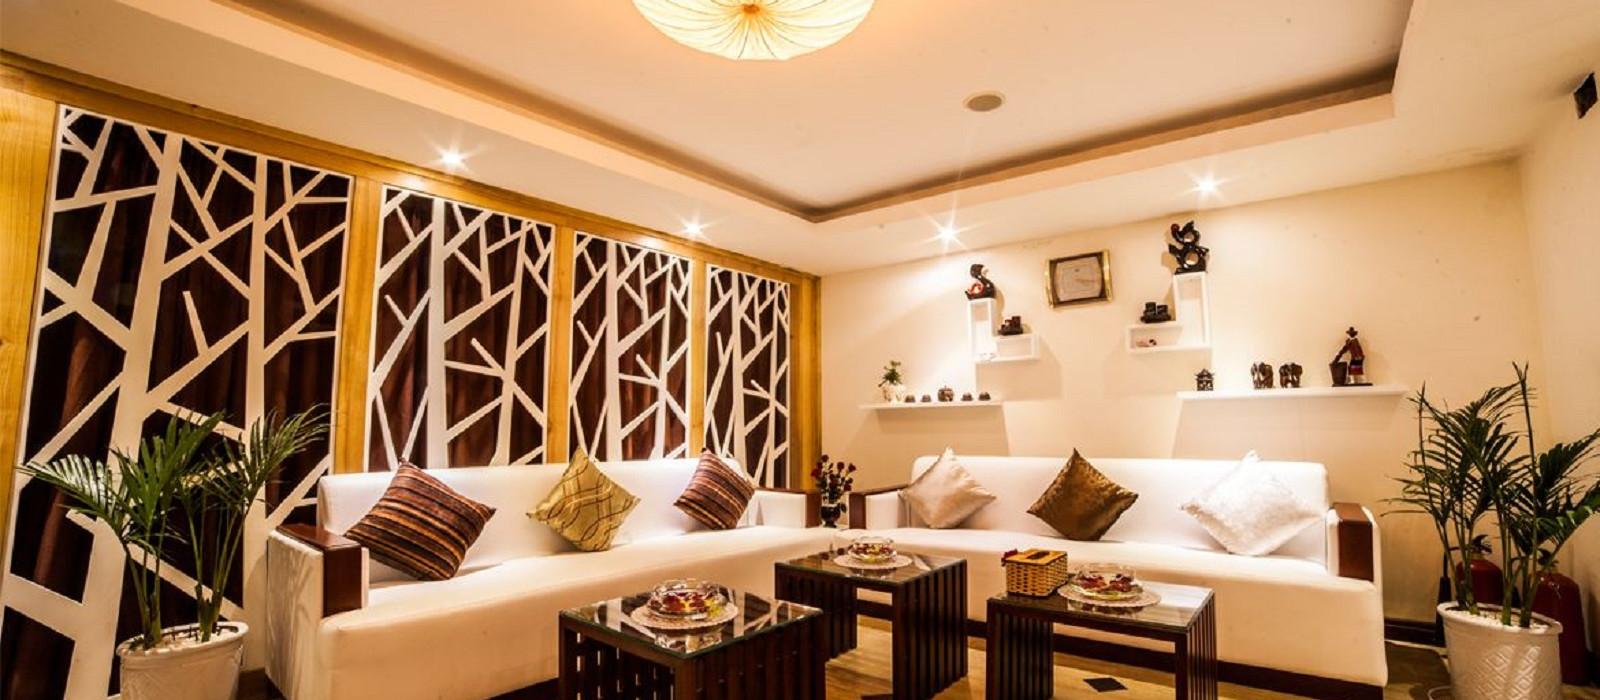 Hotel Moonlight  Hue Vietnam